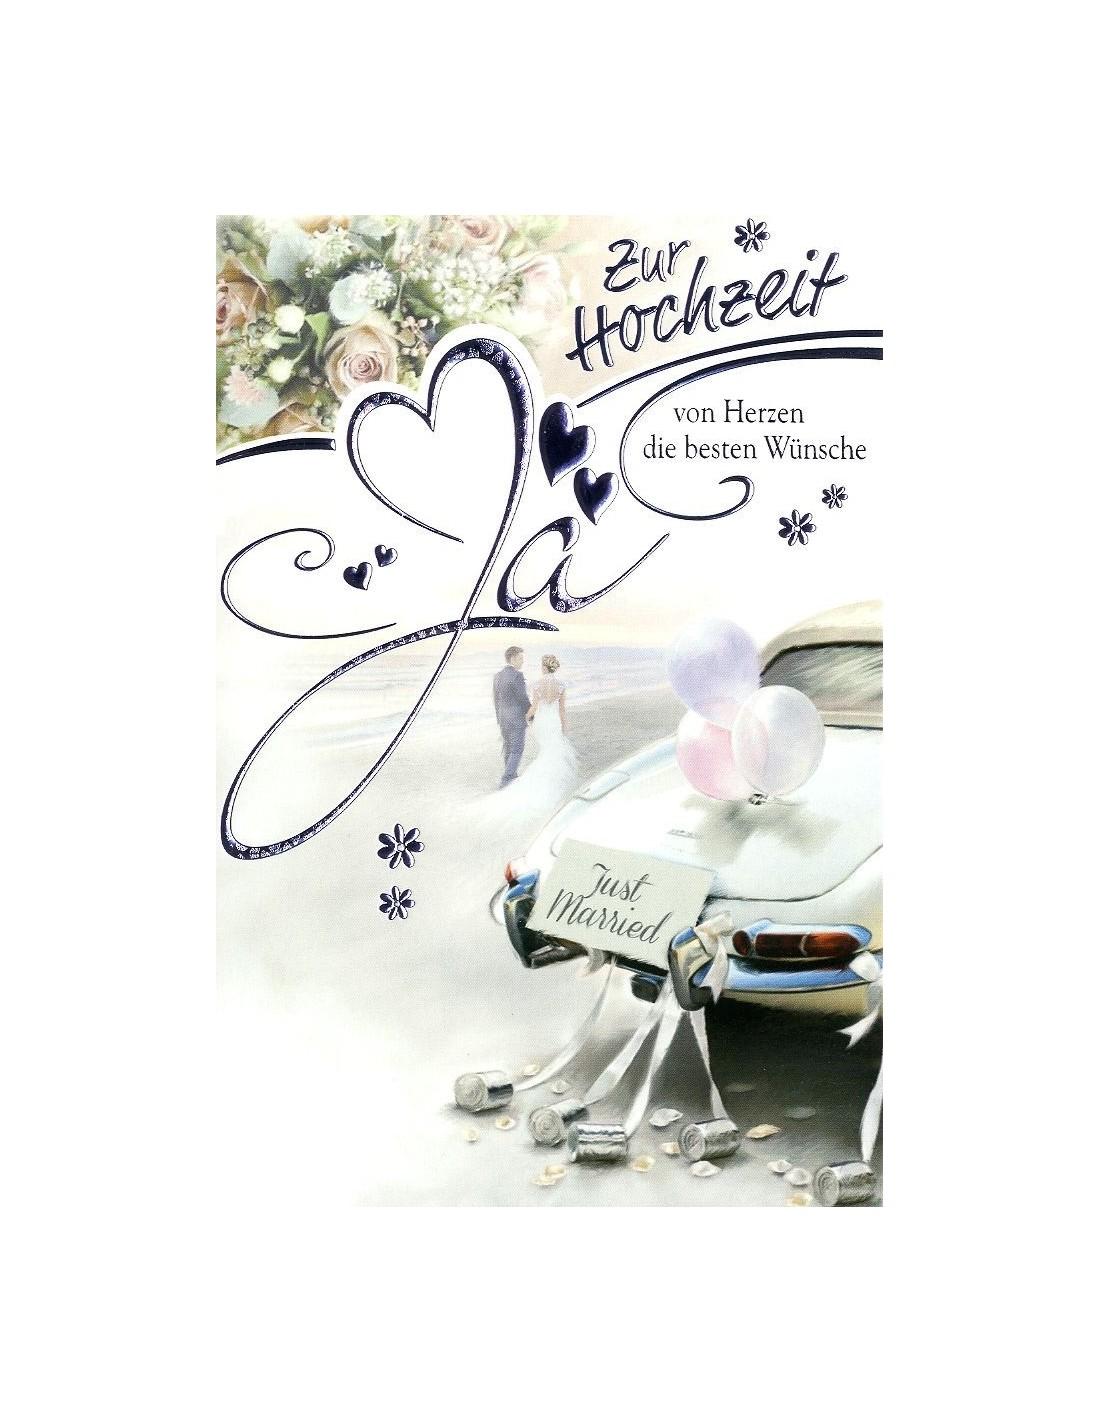 Hochzeitskarte - von Herzen die besten Wünsche